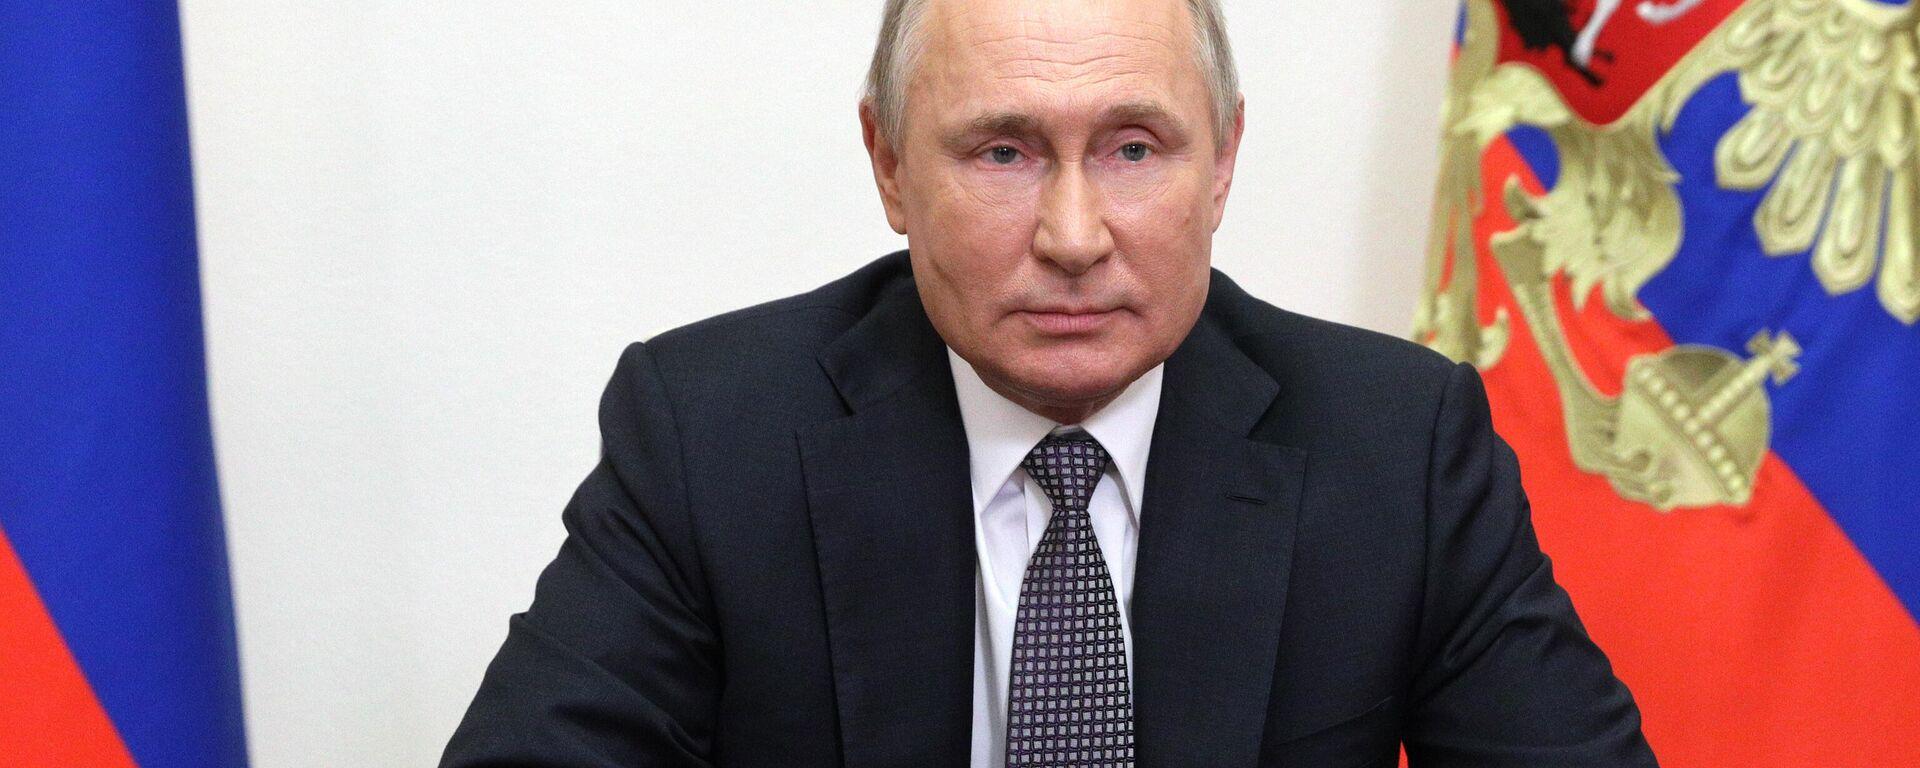 Präsident Wladimir Putin  - SNA, 1920, 06.10.2021